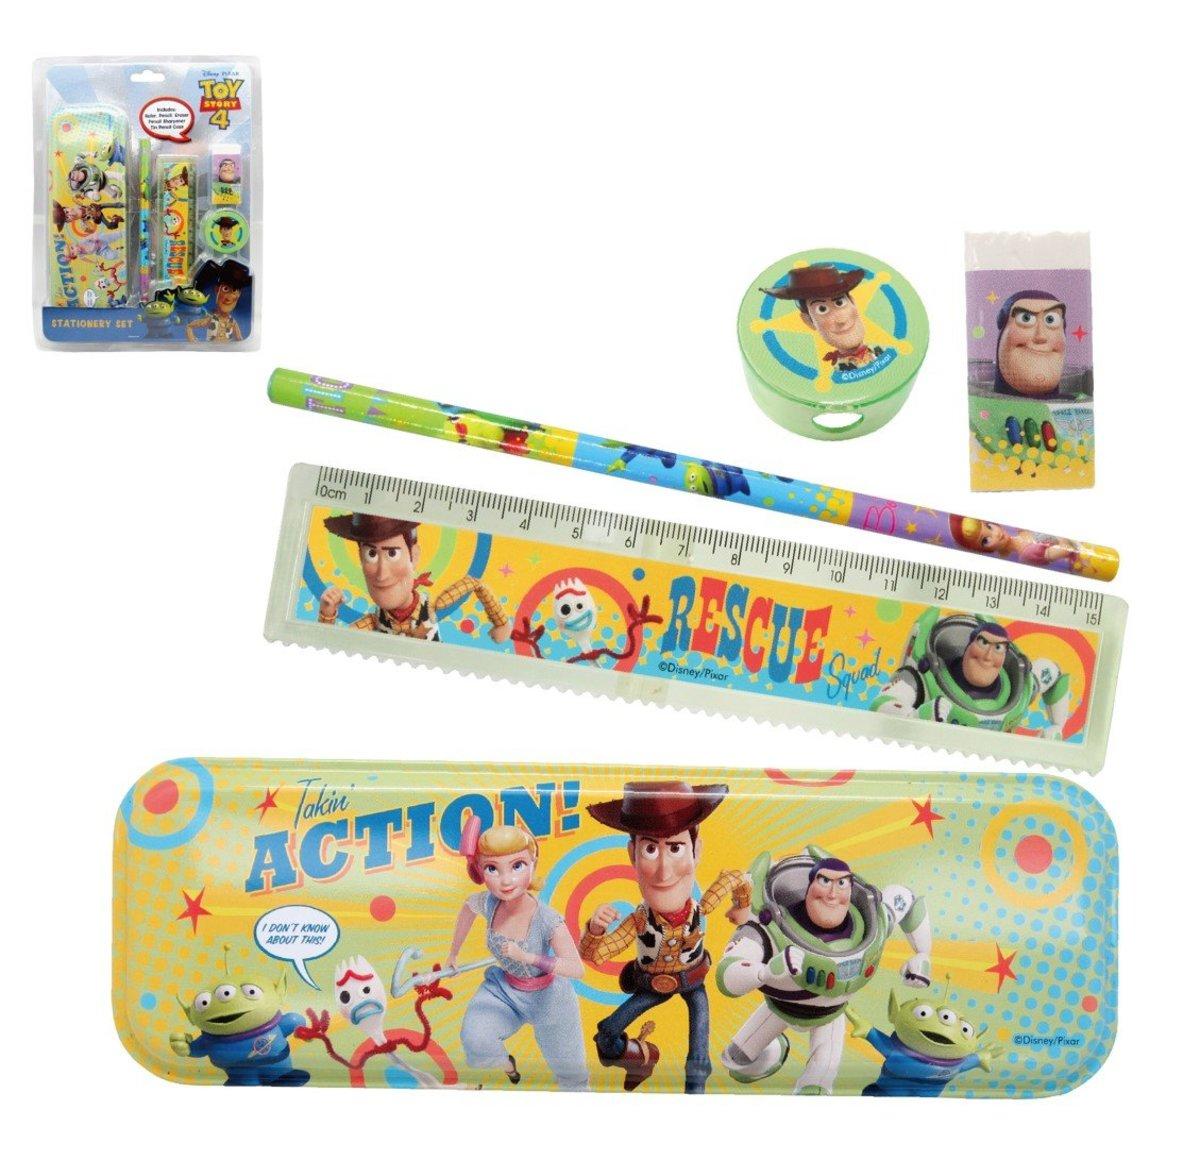 Toystory Stationery Set B (Licensed by Disney)